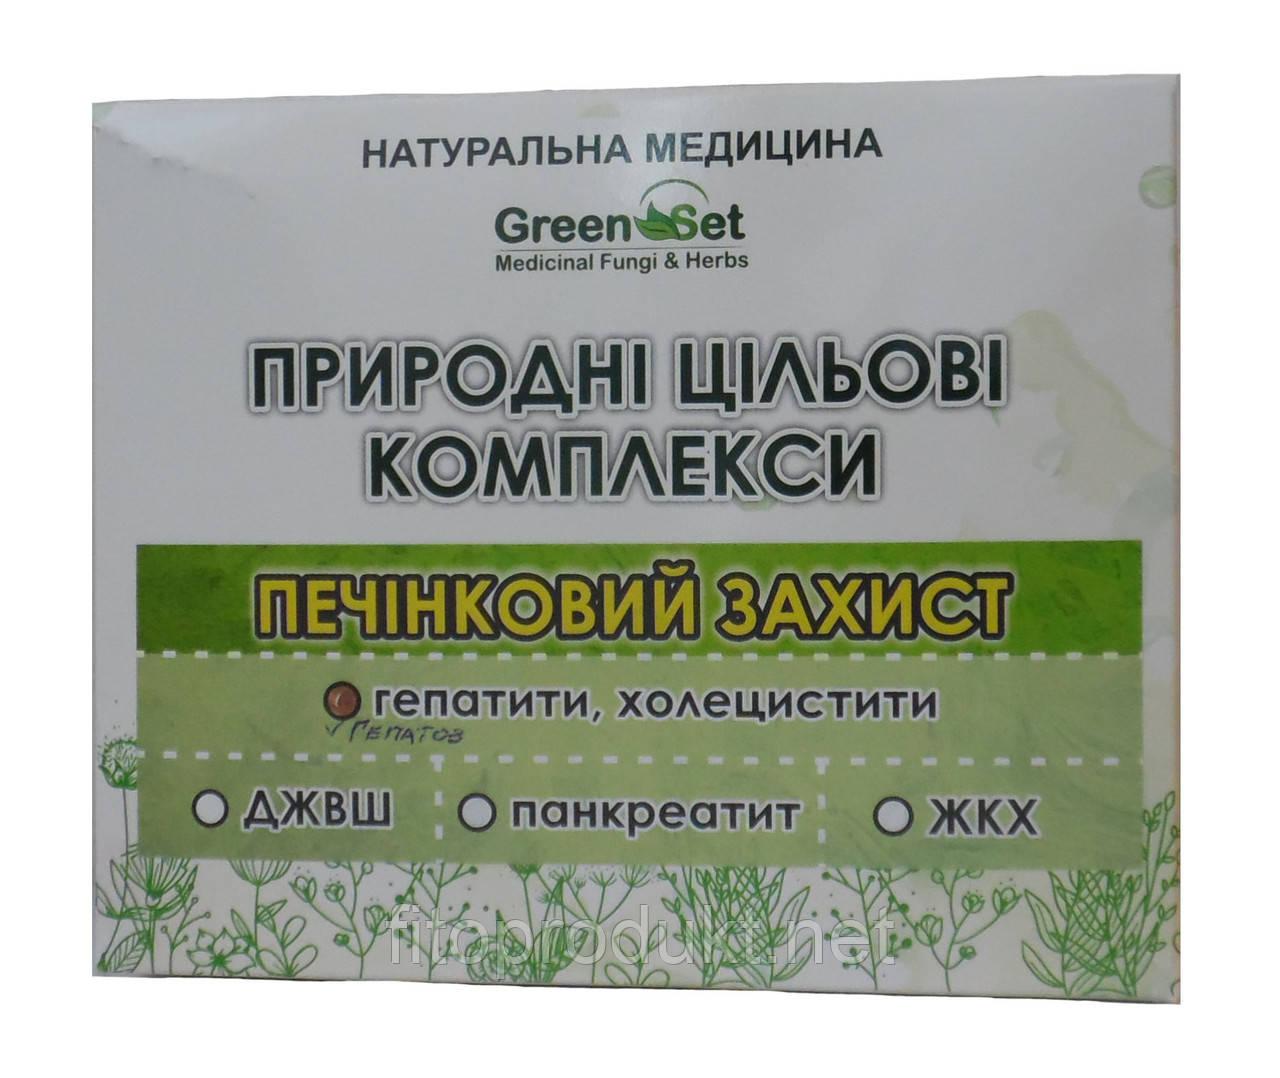 Гепатоз (жировая дистрофия печени) Природные Целевые Комплексы «Печеночная защита» Гринсет